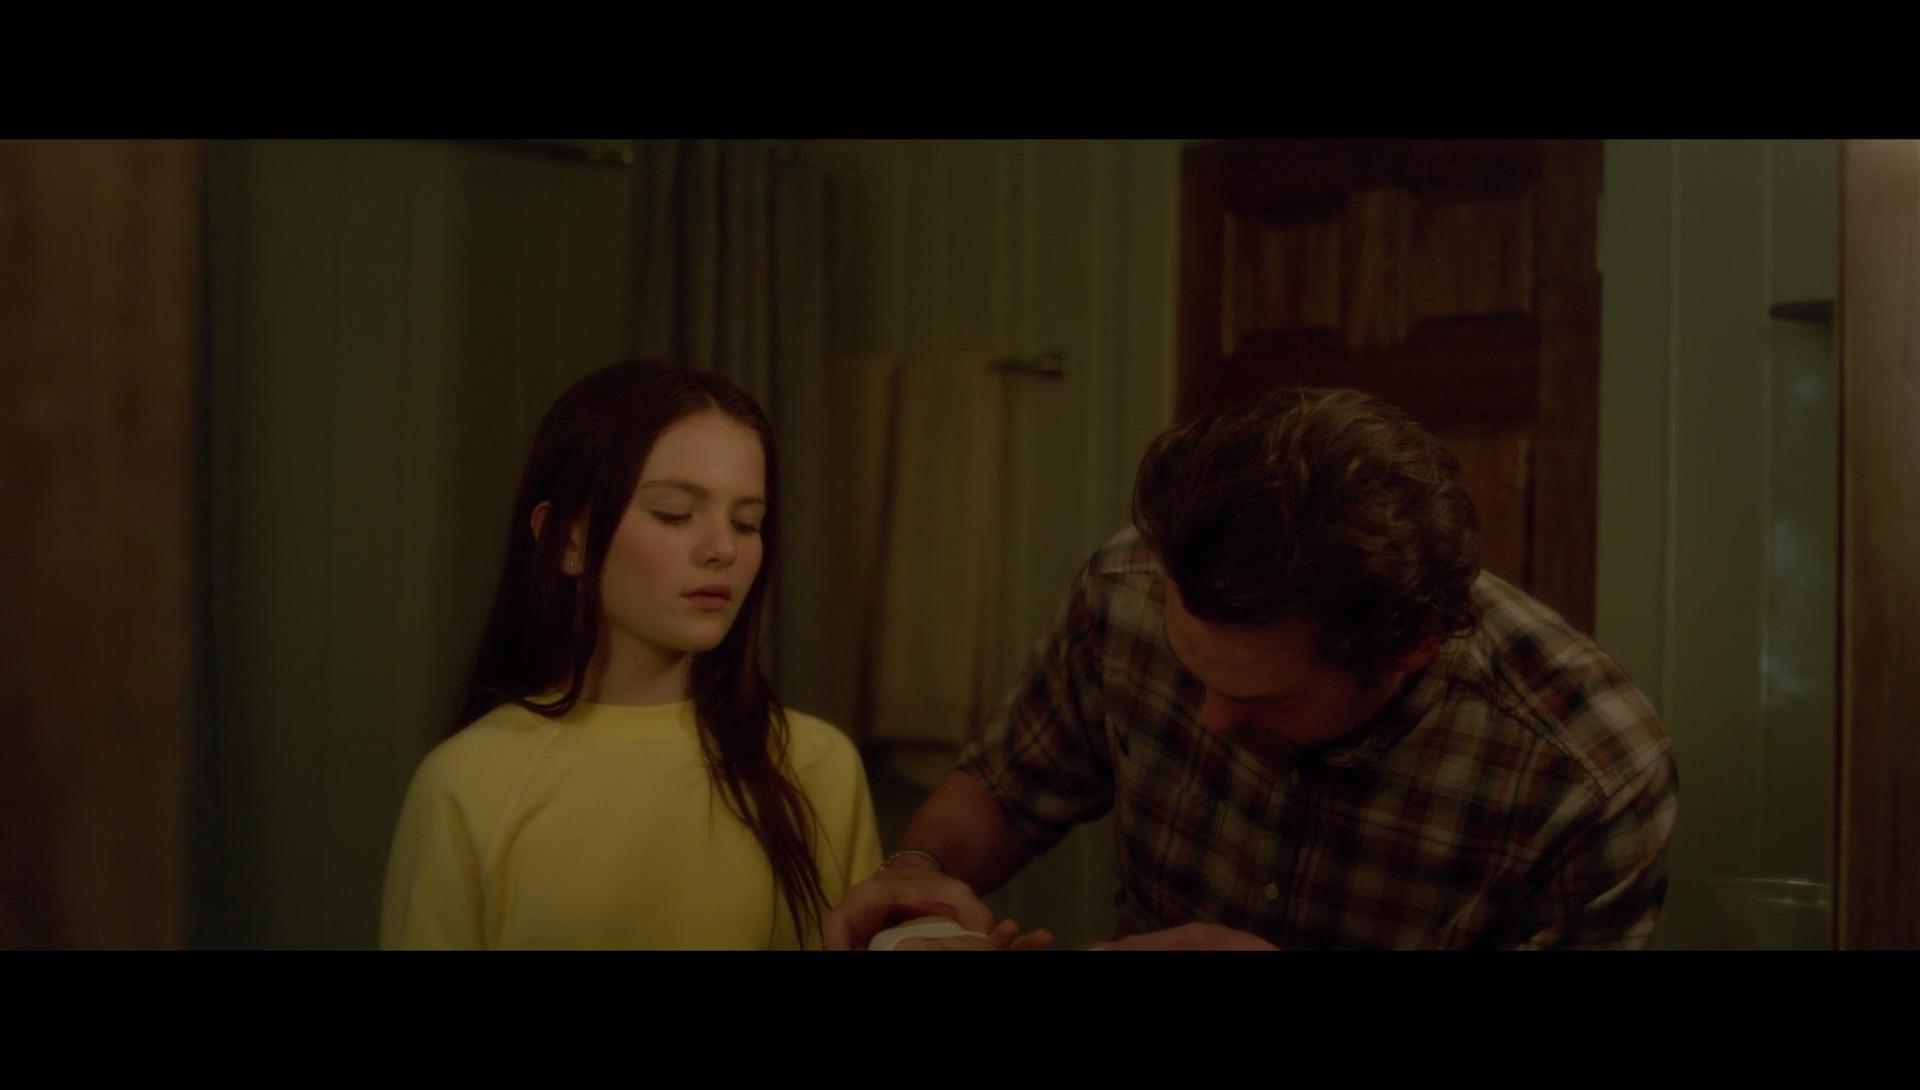 El Juego De Gerald 1080p Lat-Cast-Ing 5.1 (2017)